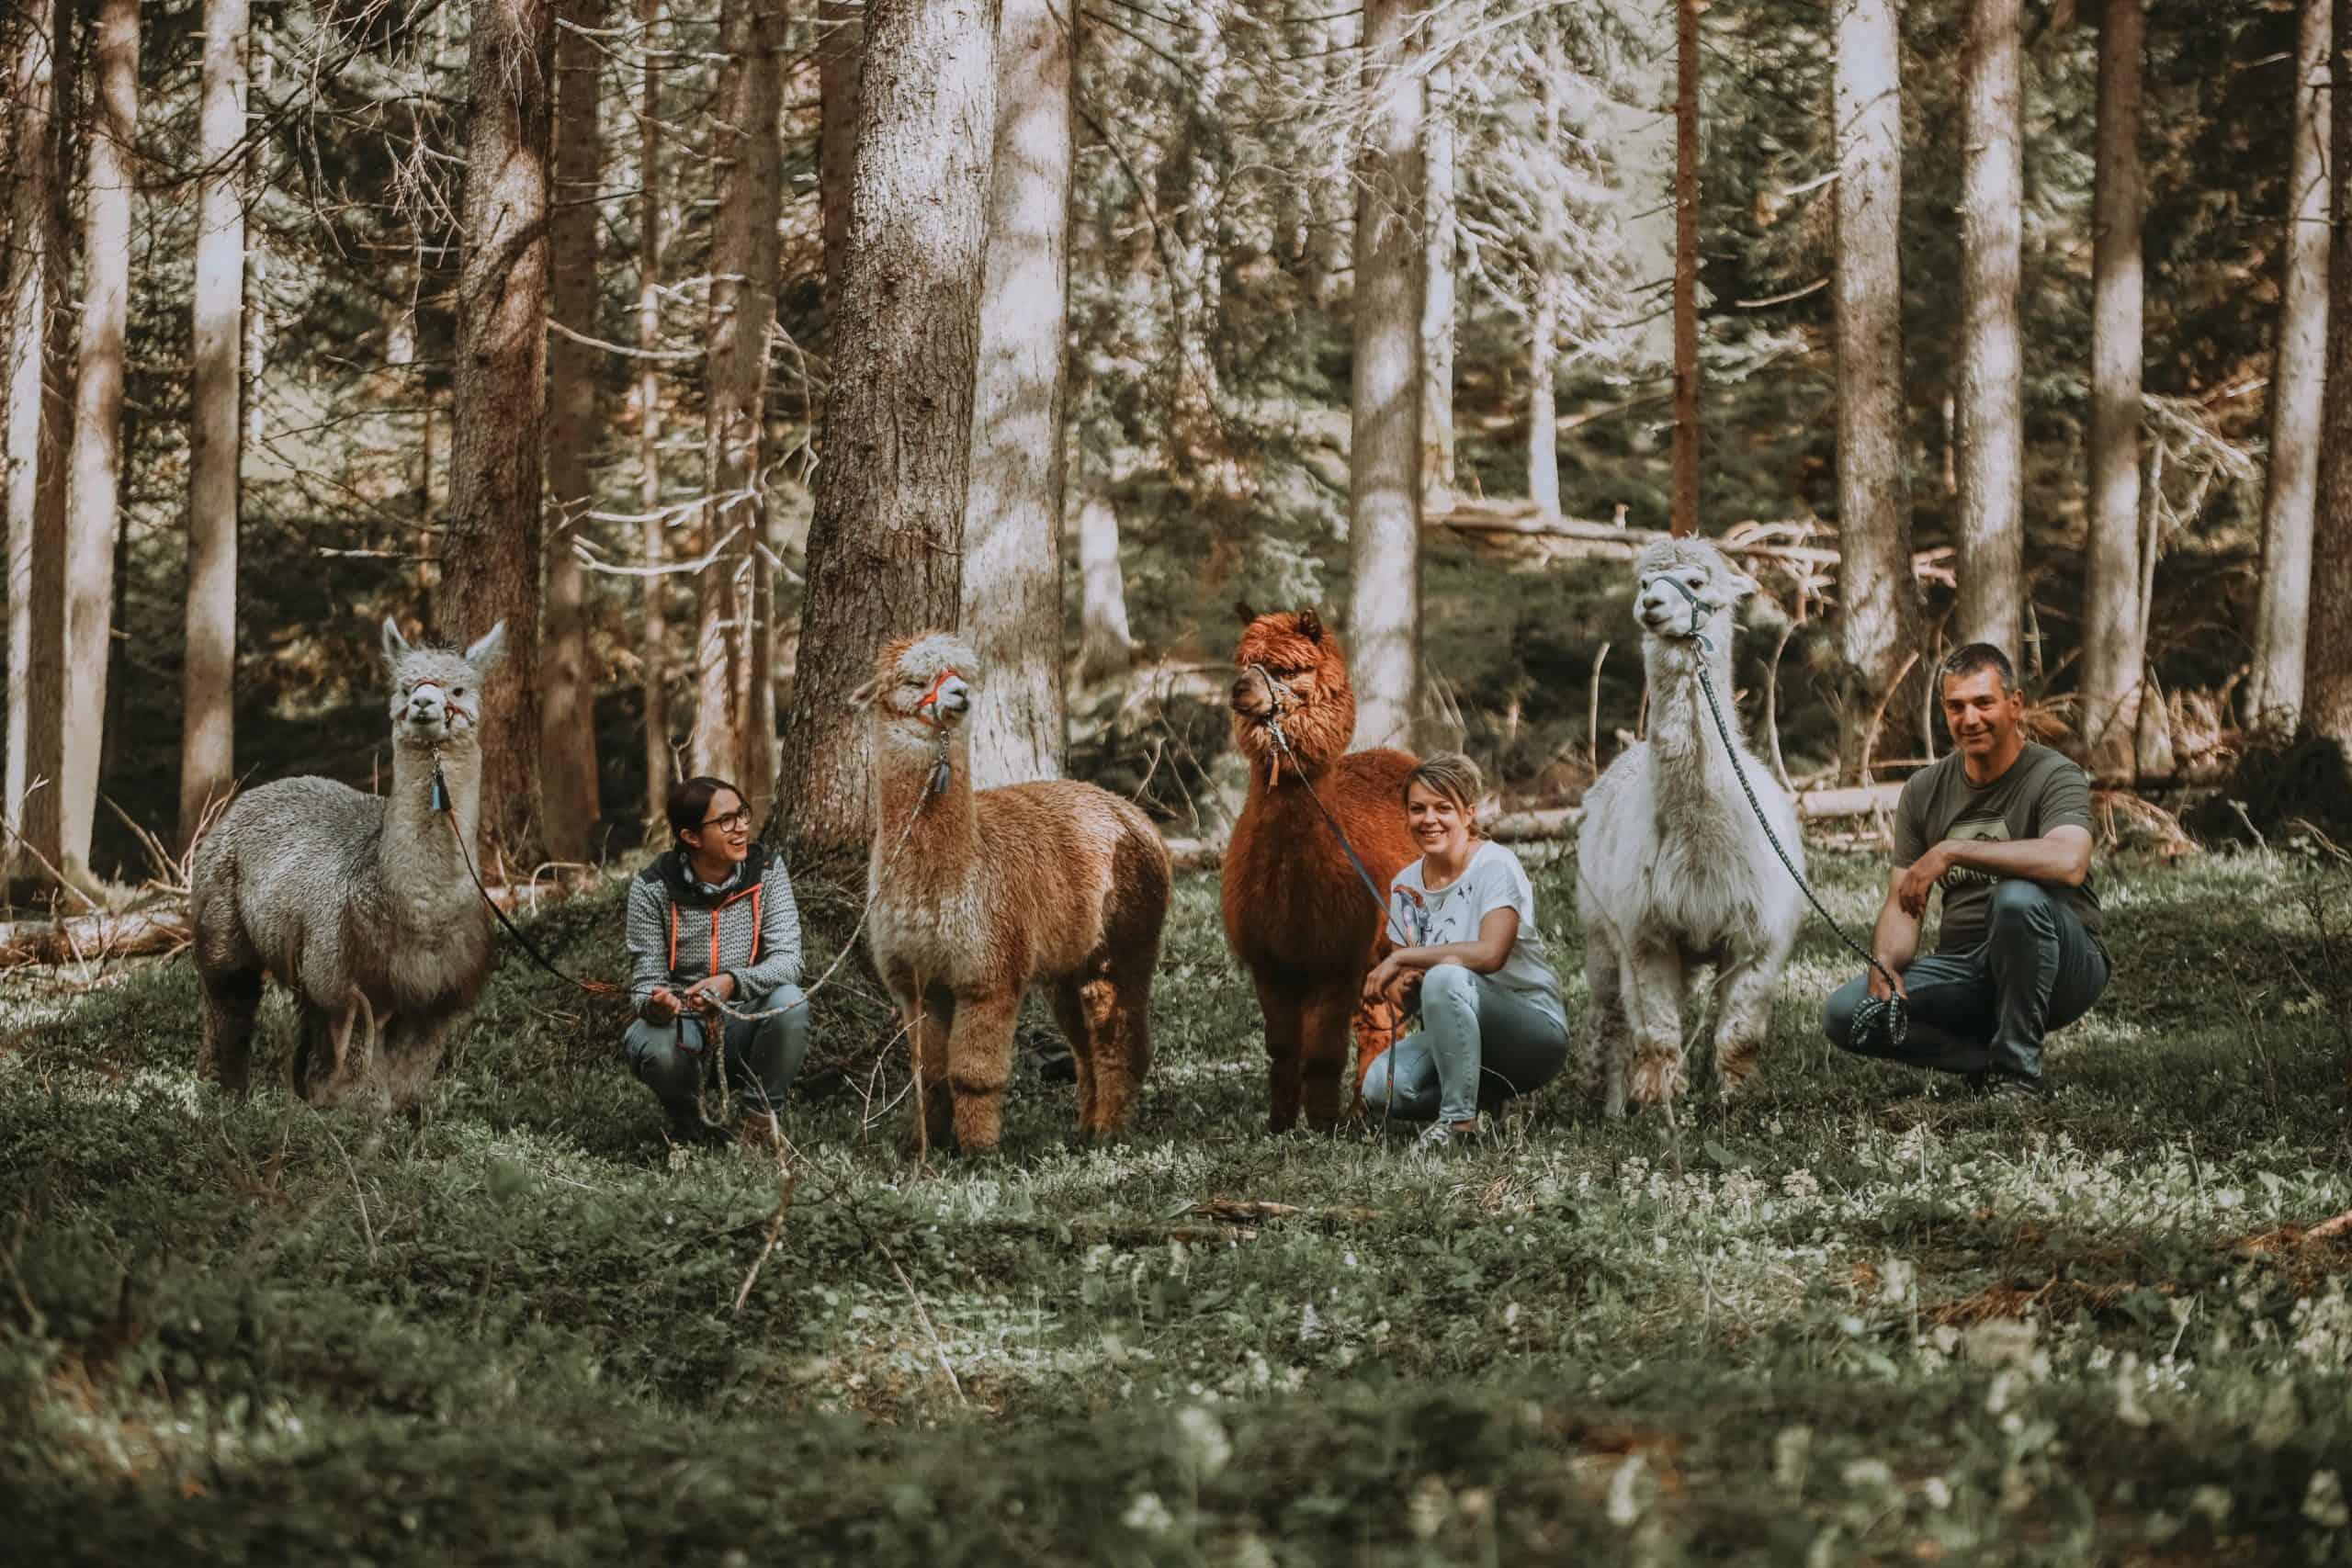 Gschnitzer_Alpaka-Alpakas-Wanderungen-Tirol-05-scaled Wanderungen